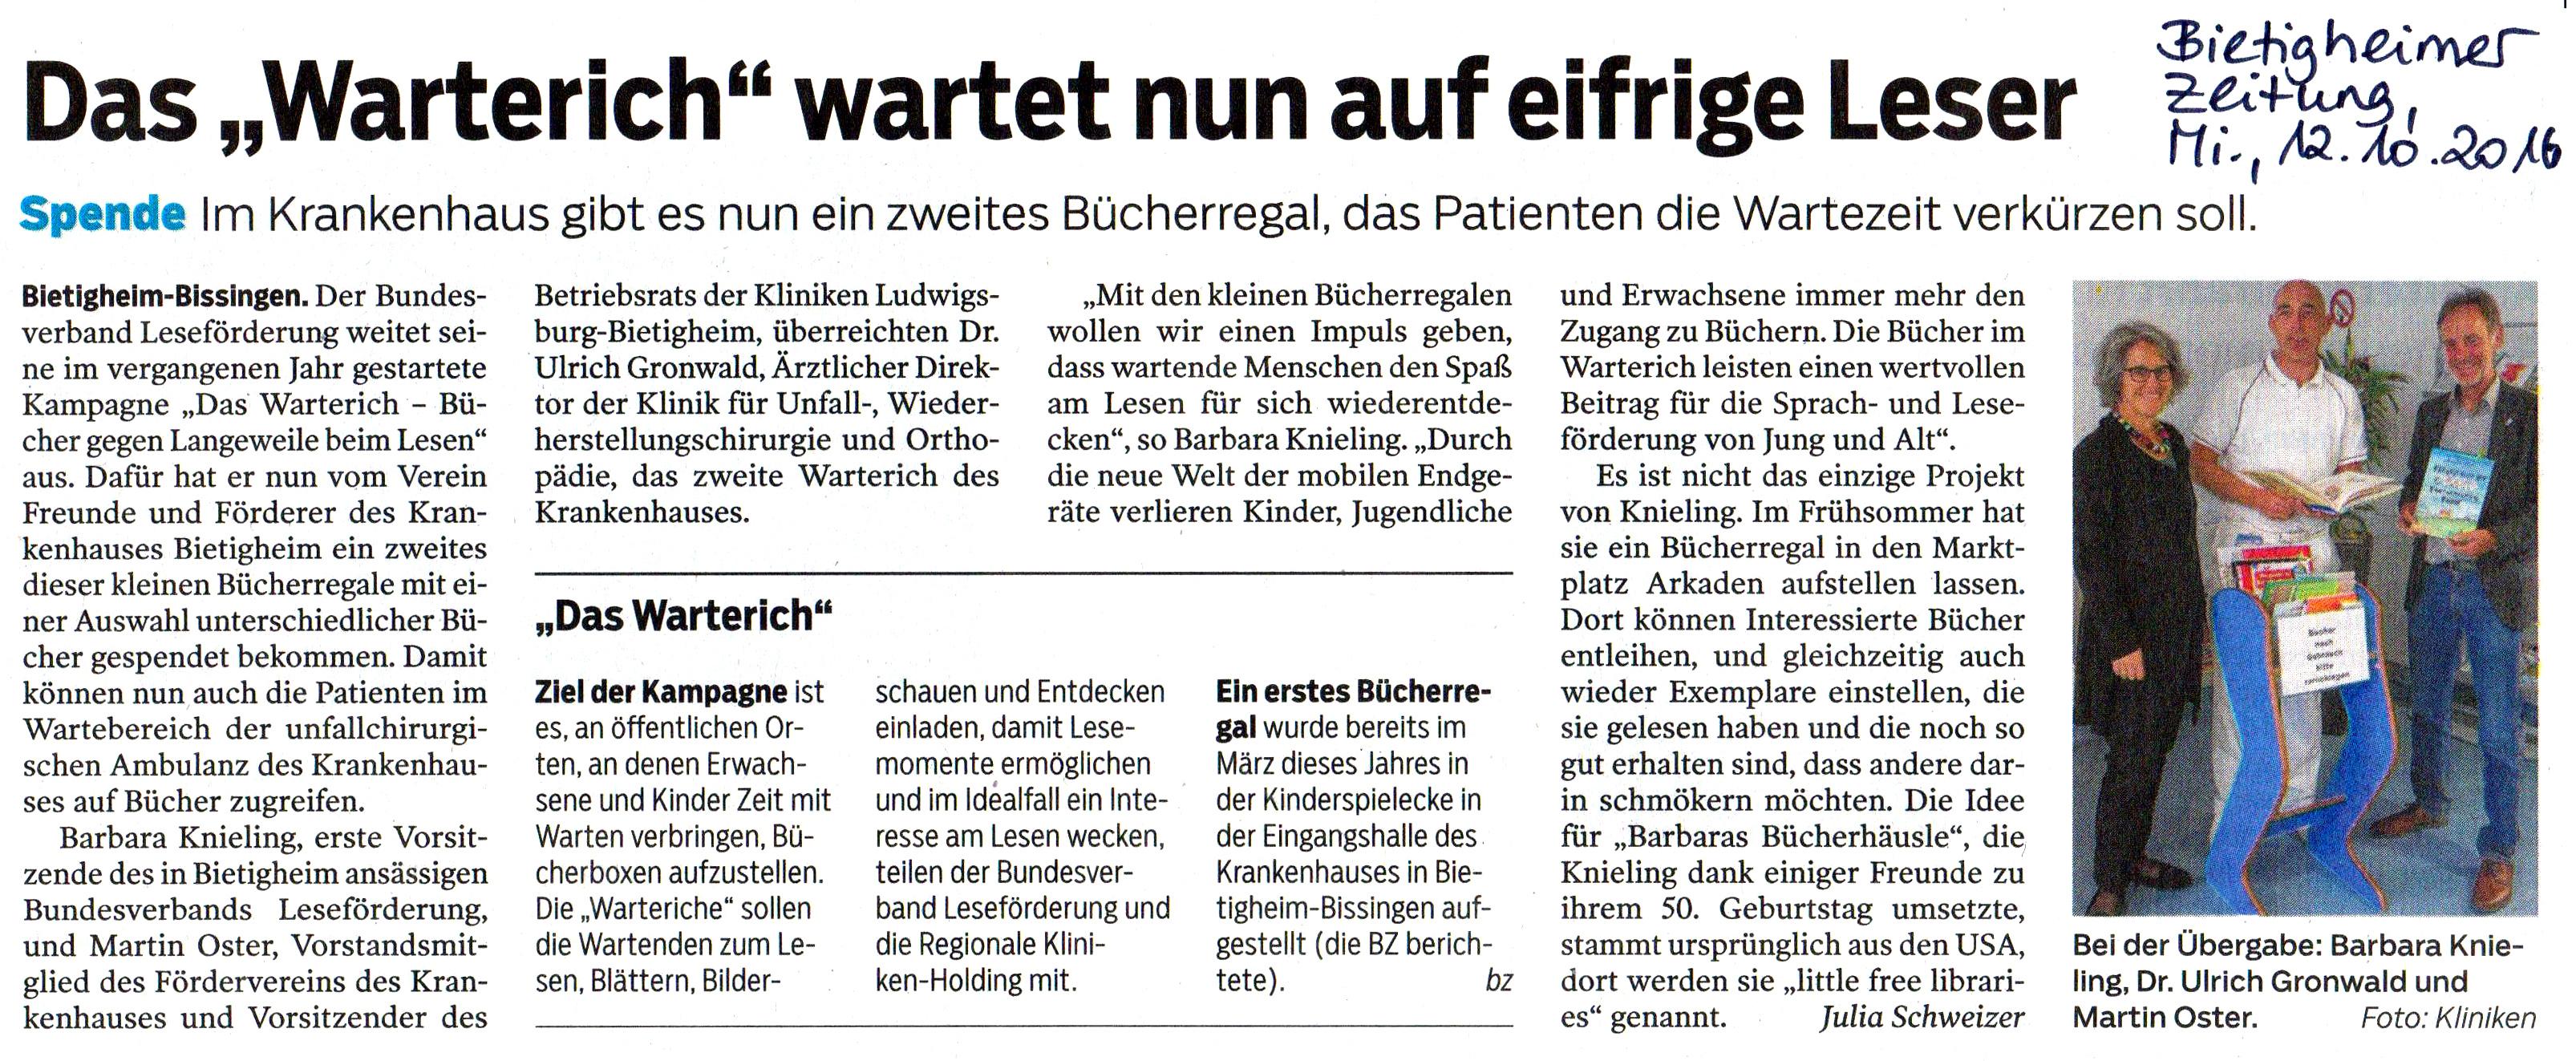 warterich_bietigheim_12okt2016